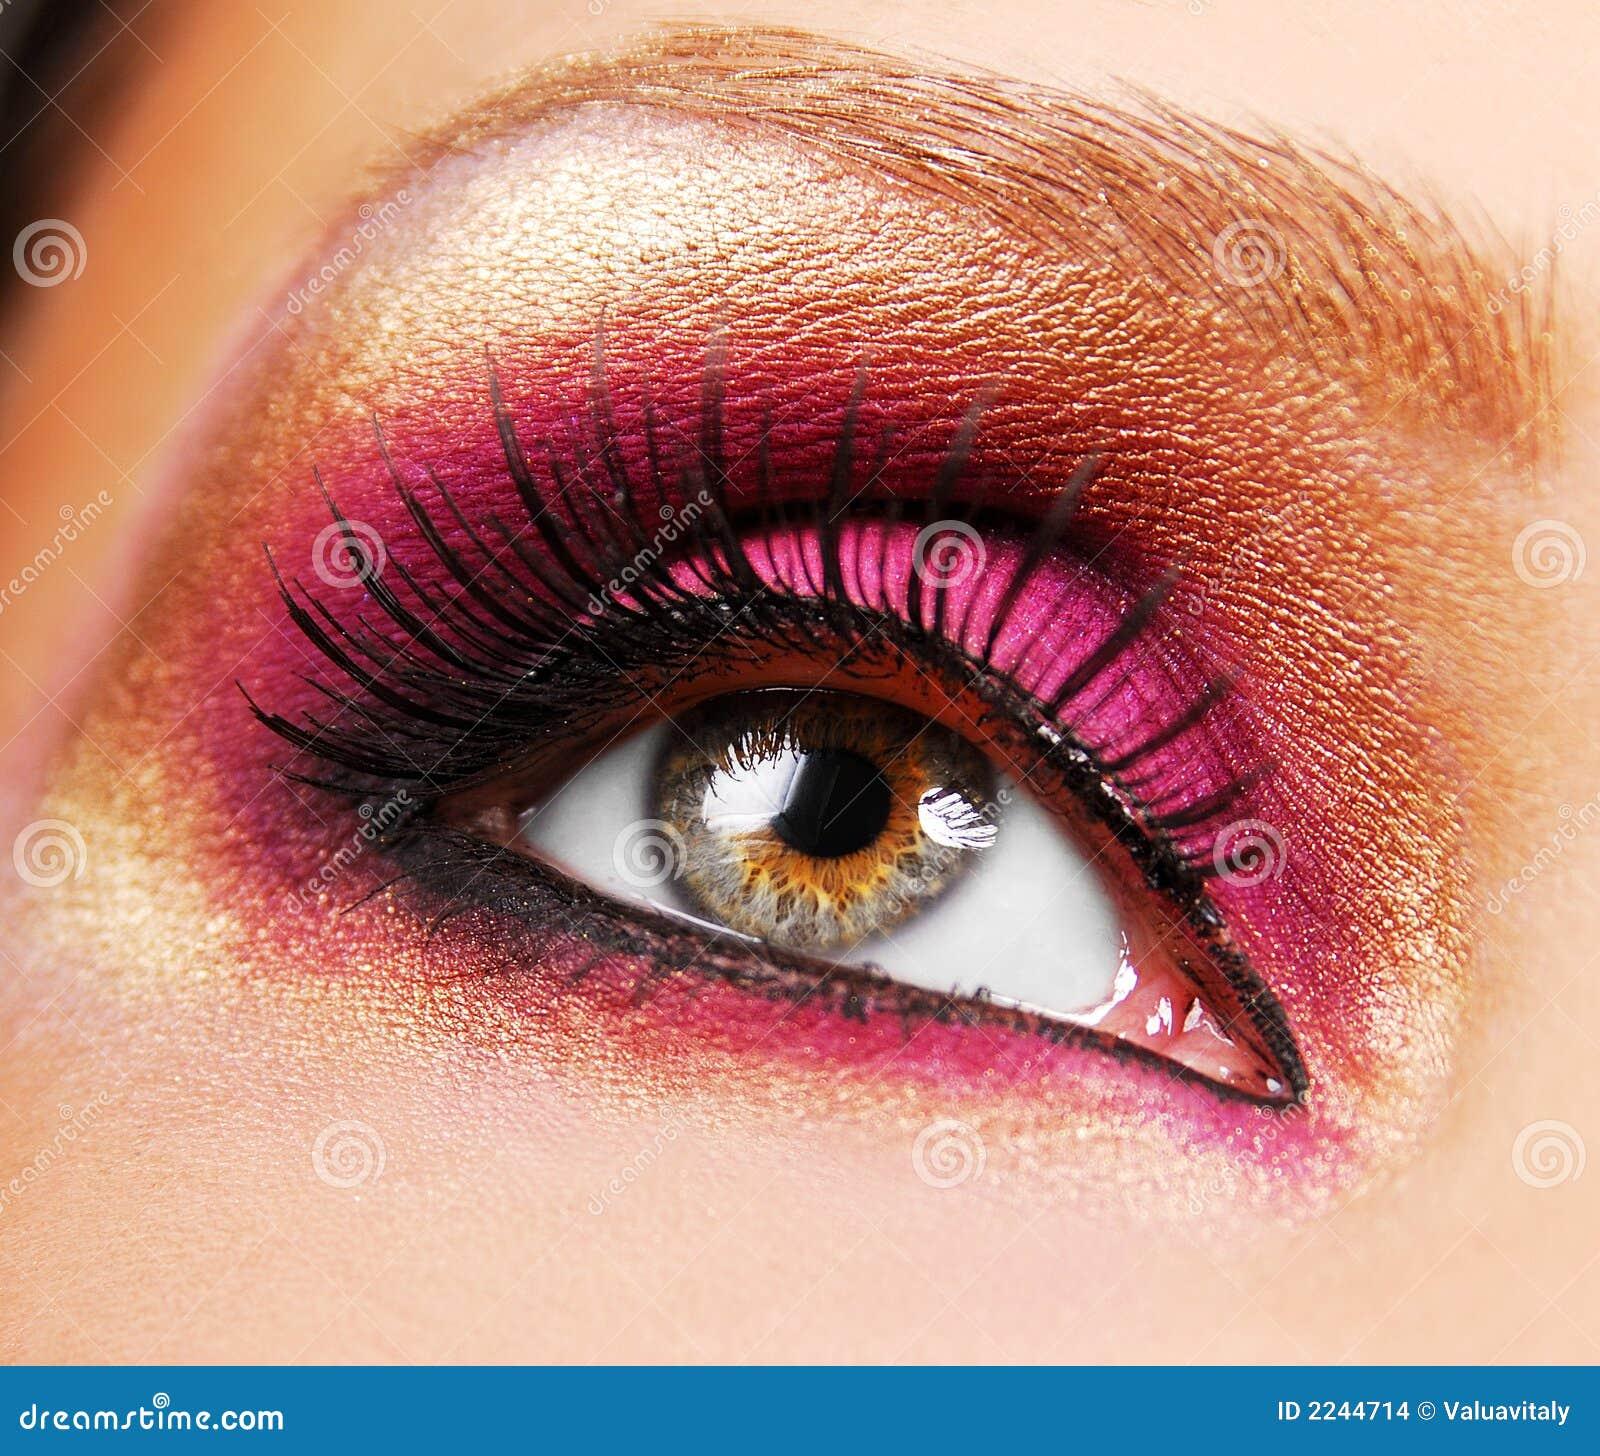 Golden make-up.